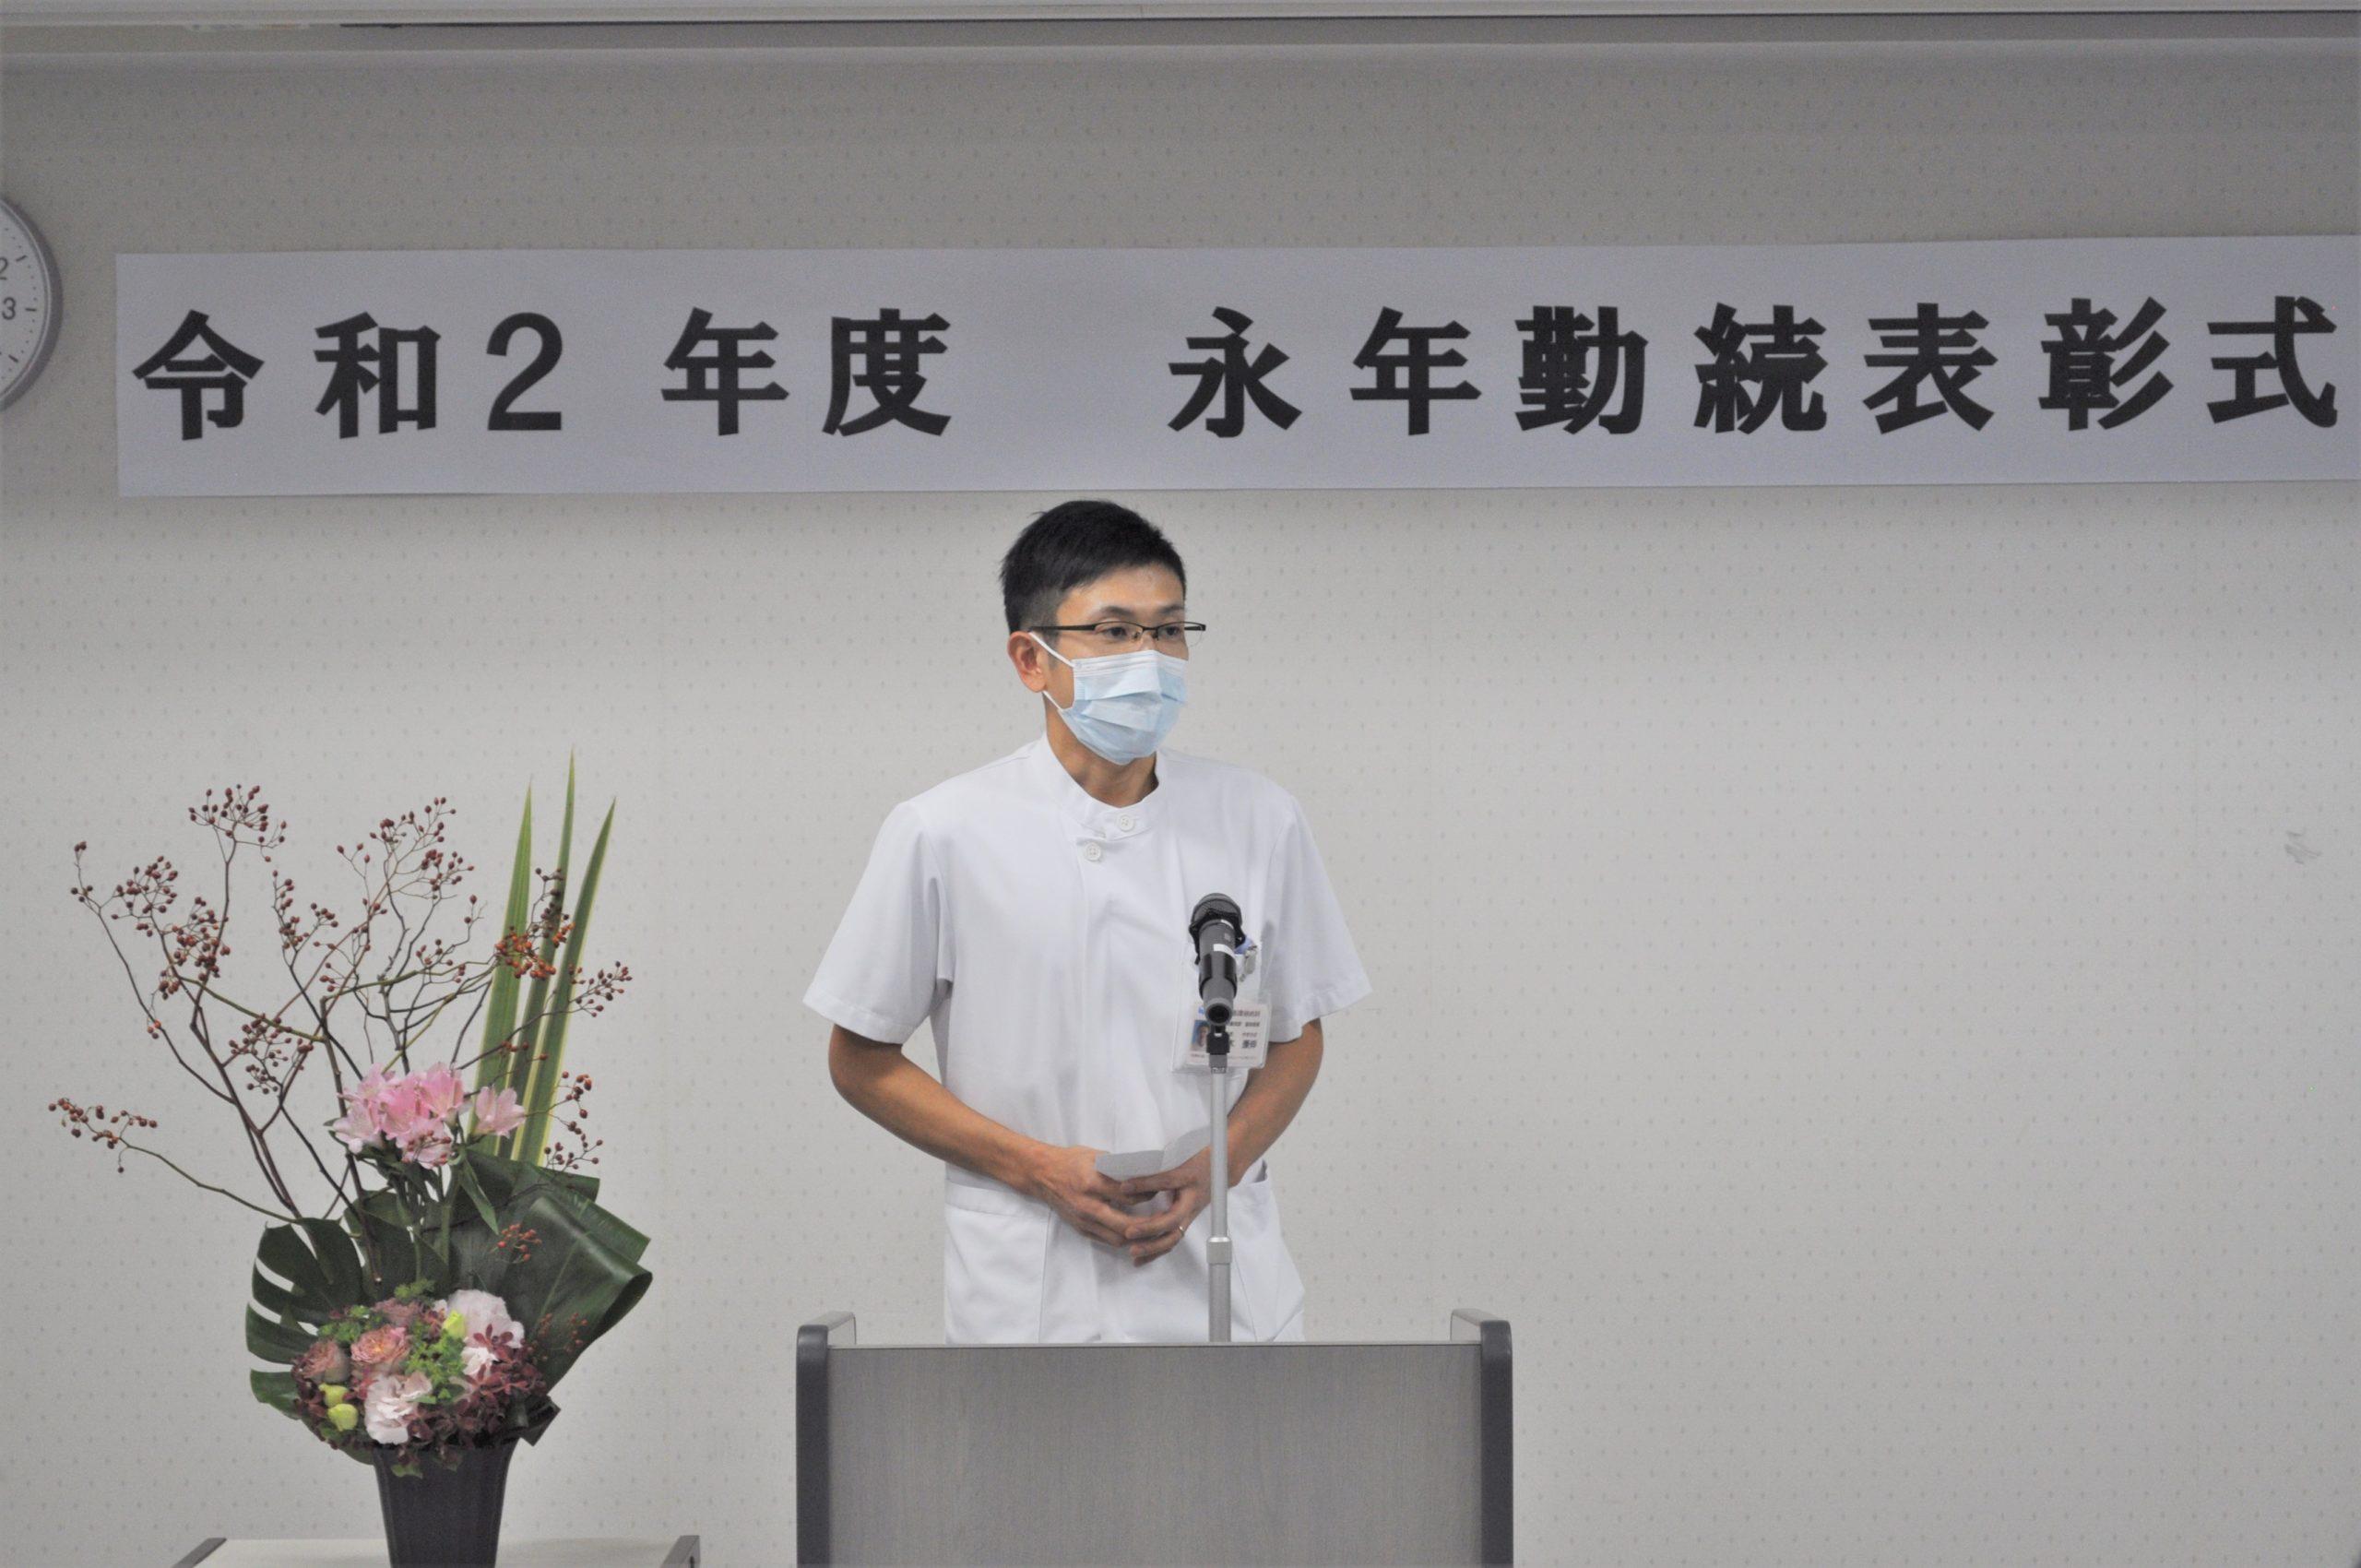 永年勤続表彰を行いました。 | 社会医療法人 北海道循環器病院